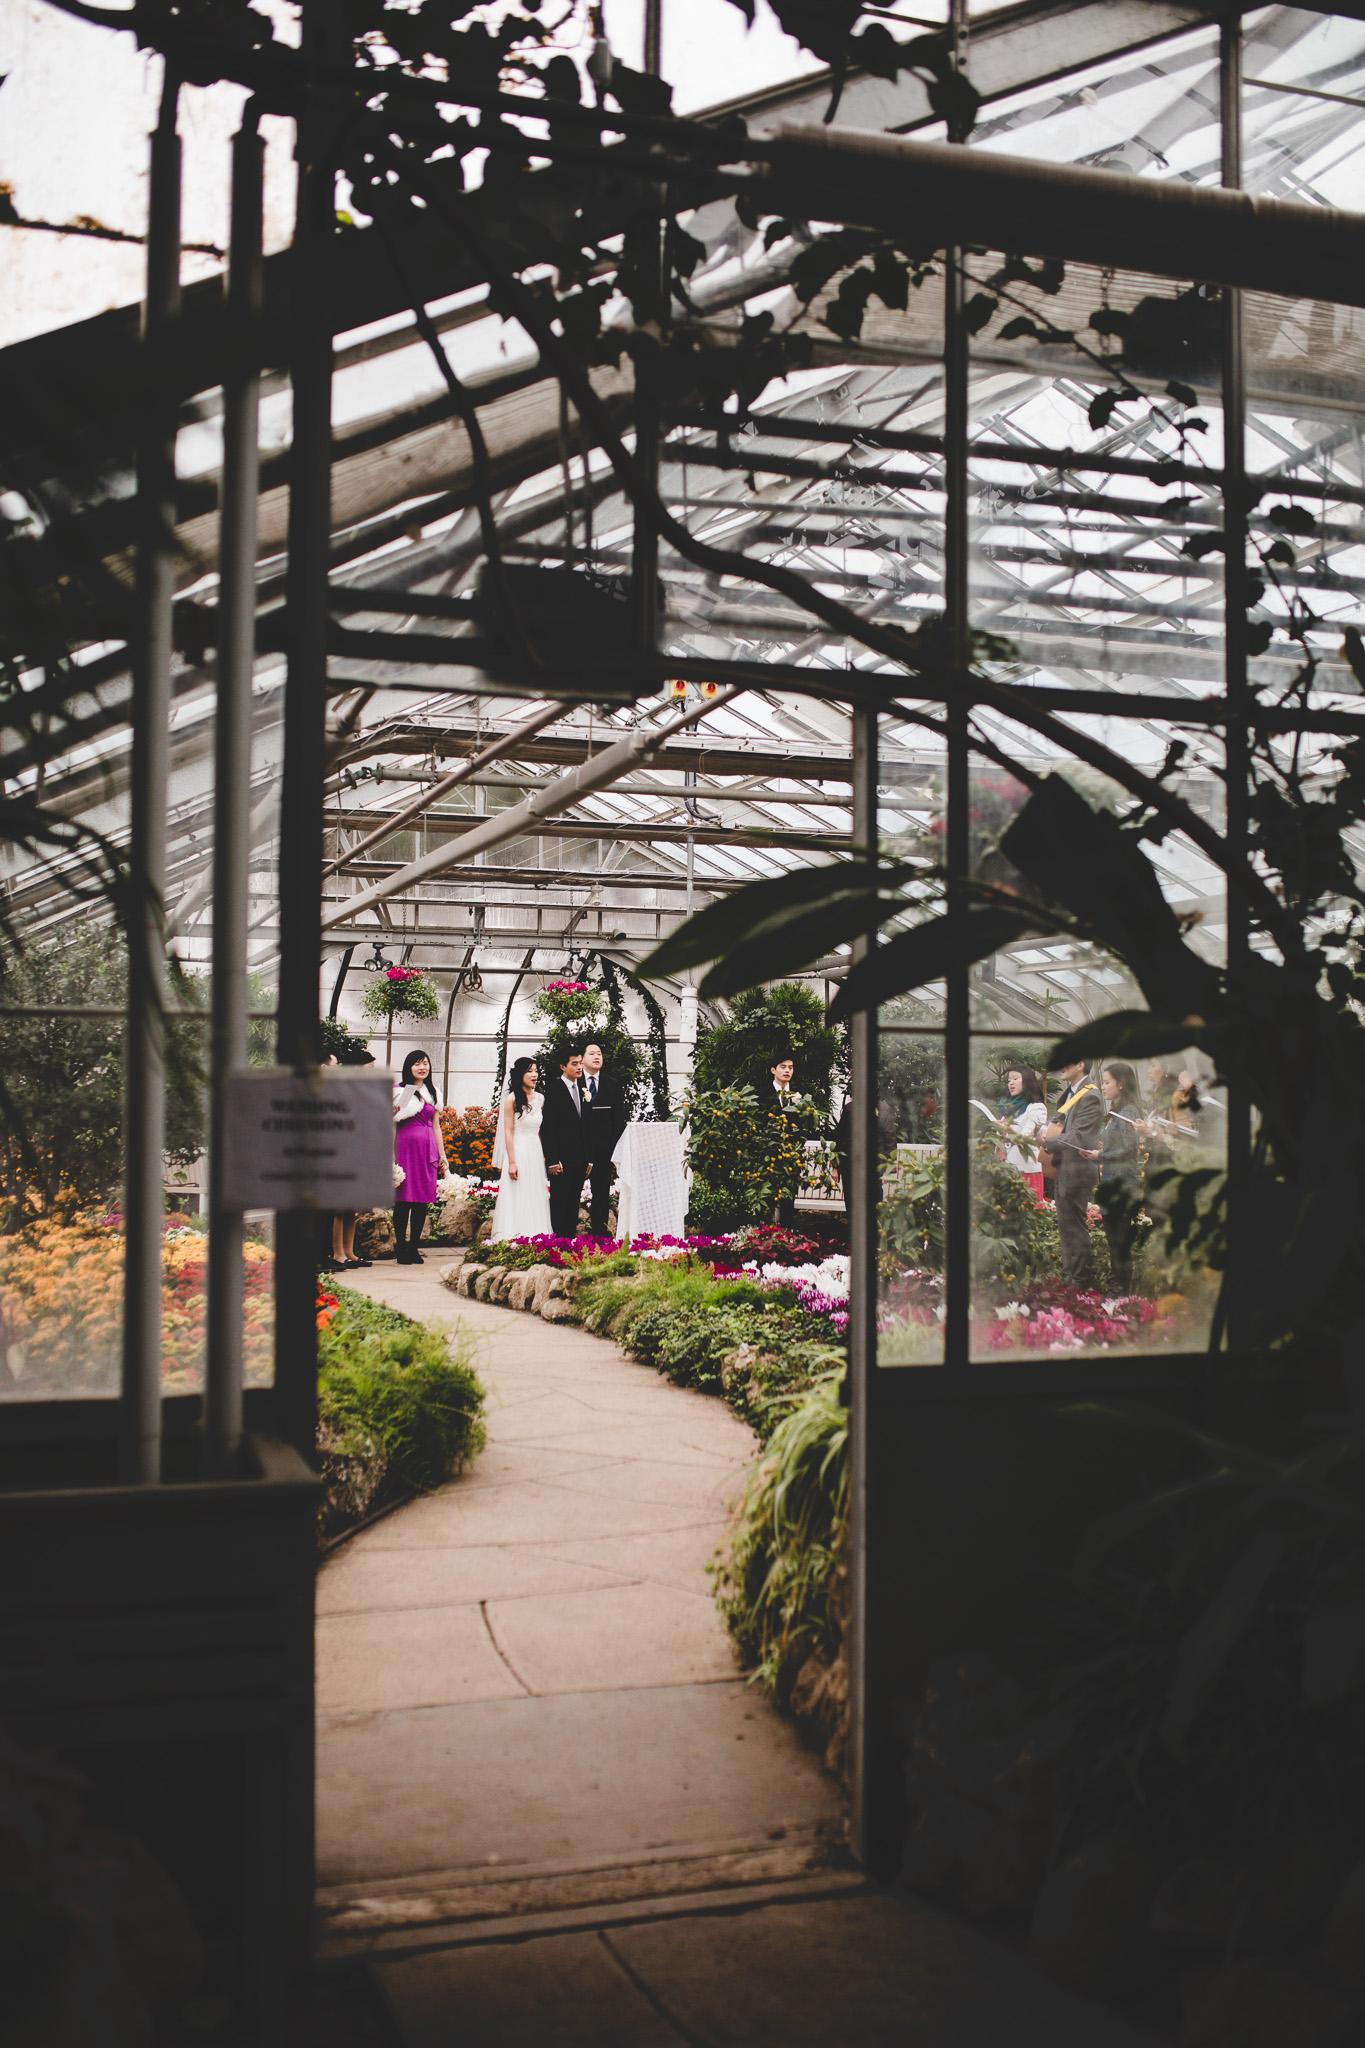 Centennial-Park-Conservatory-Greenhouse-Wedding